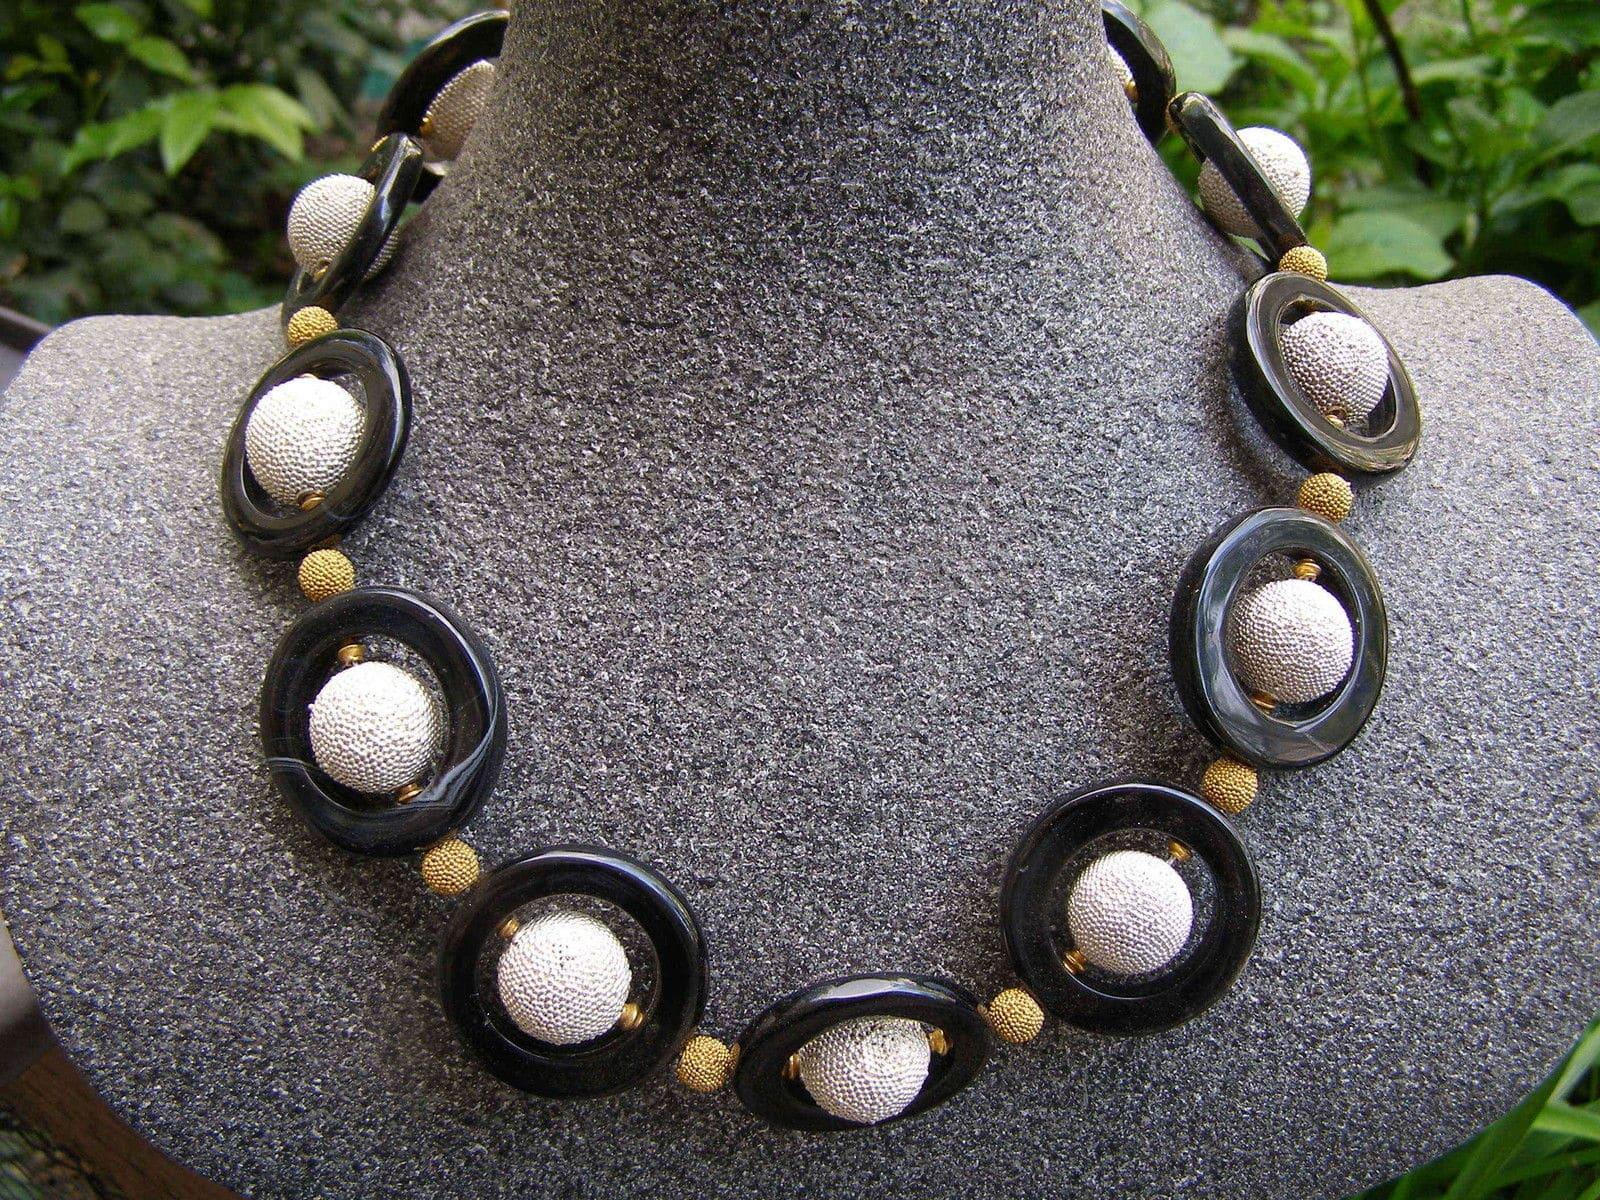 Unikat Kette Silber 92 Kugeln granuliert vergoldet Onyx